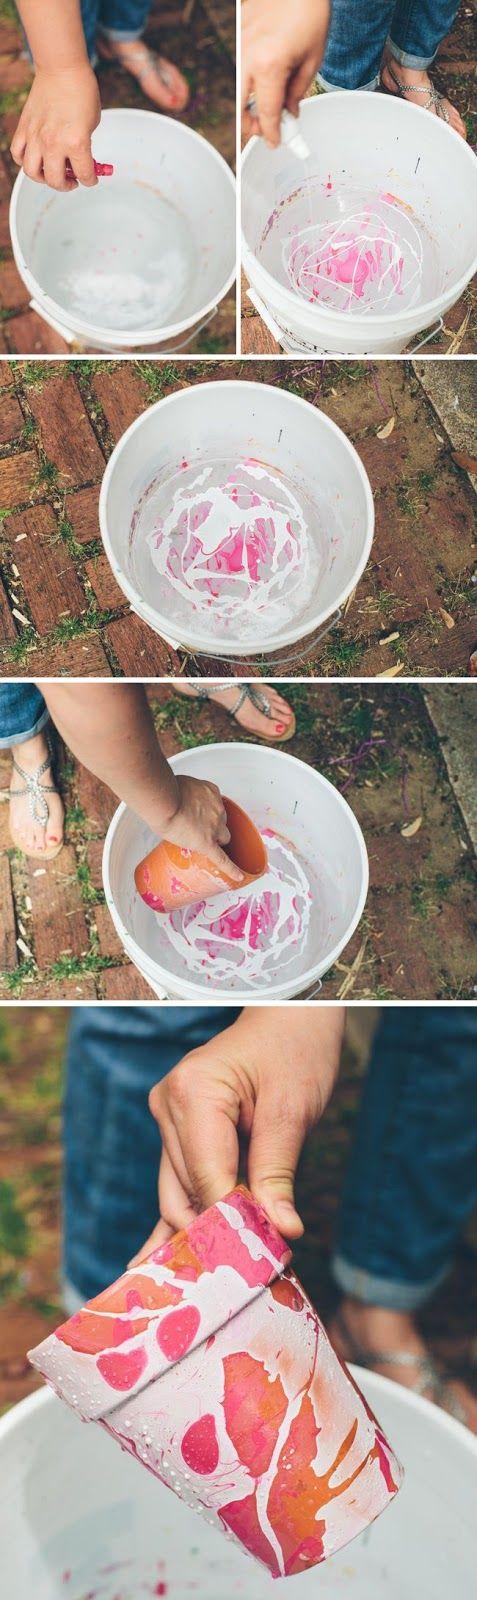 Creative Stuff: DIY Pots with Nail Polish Marbling